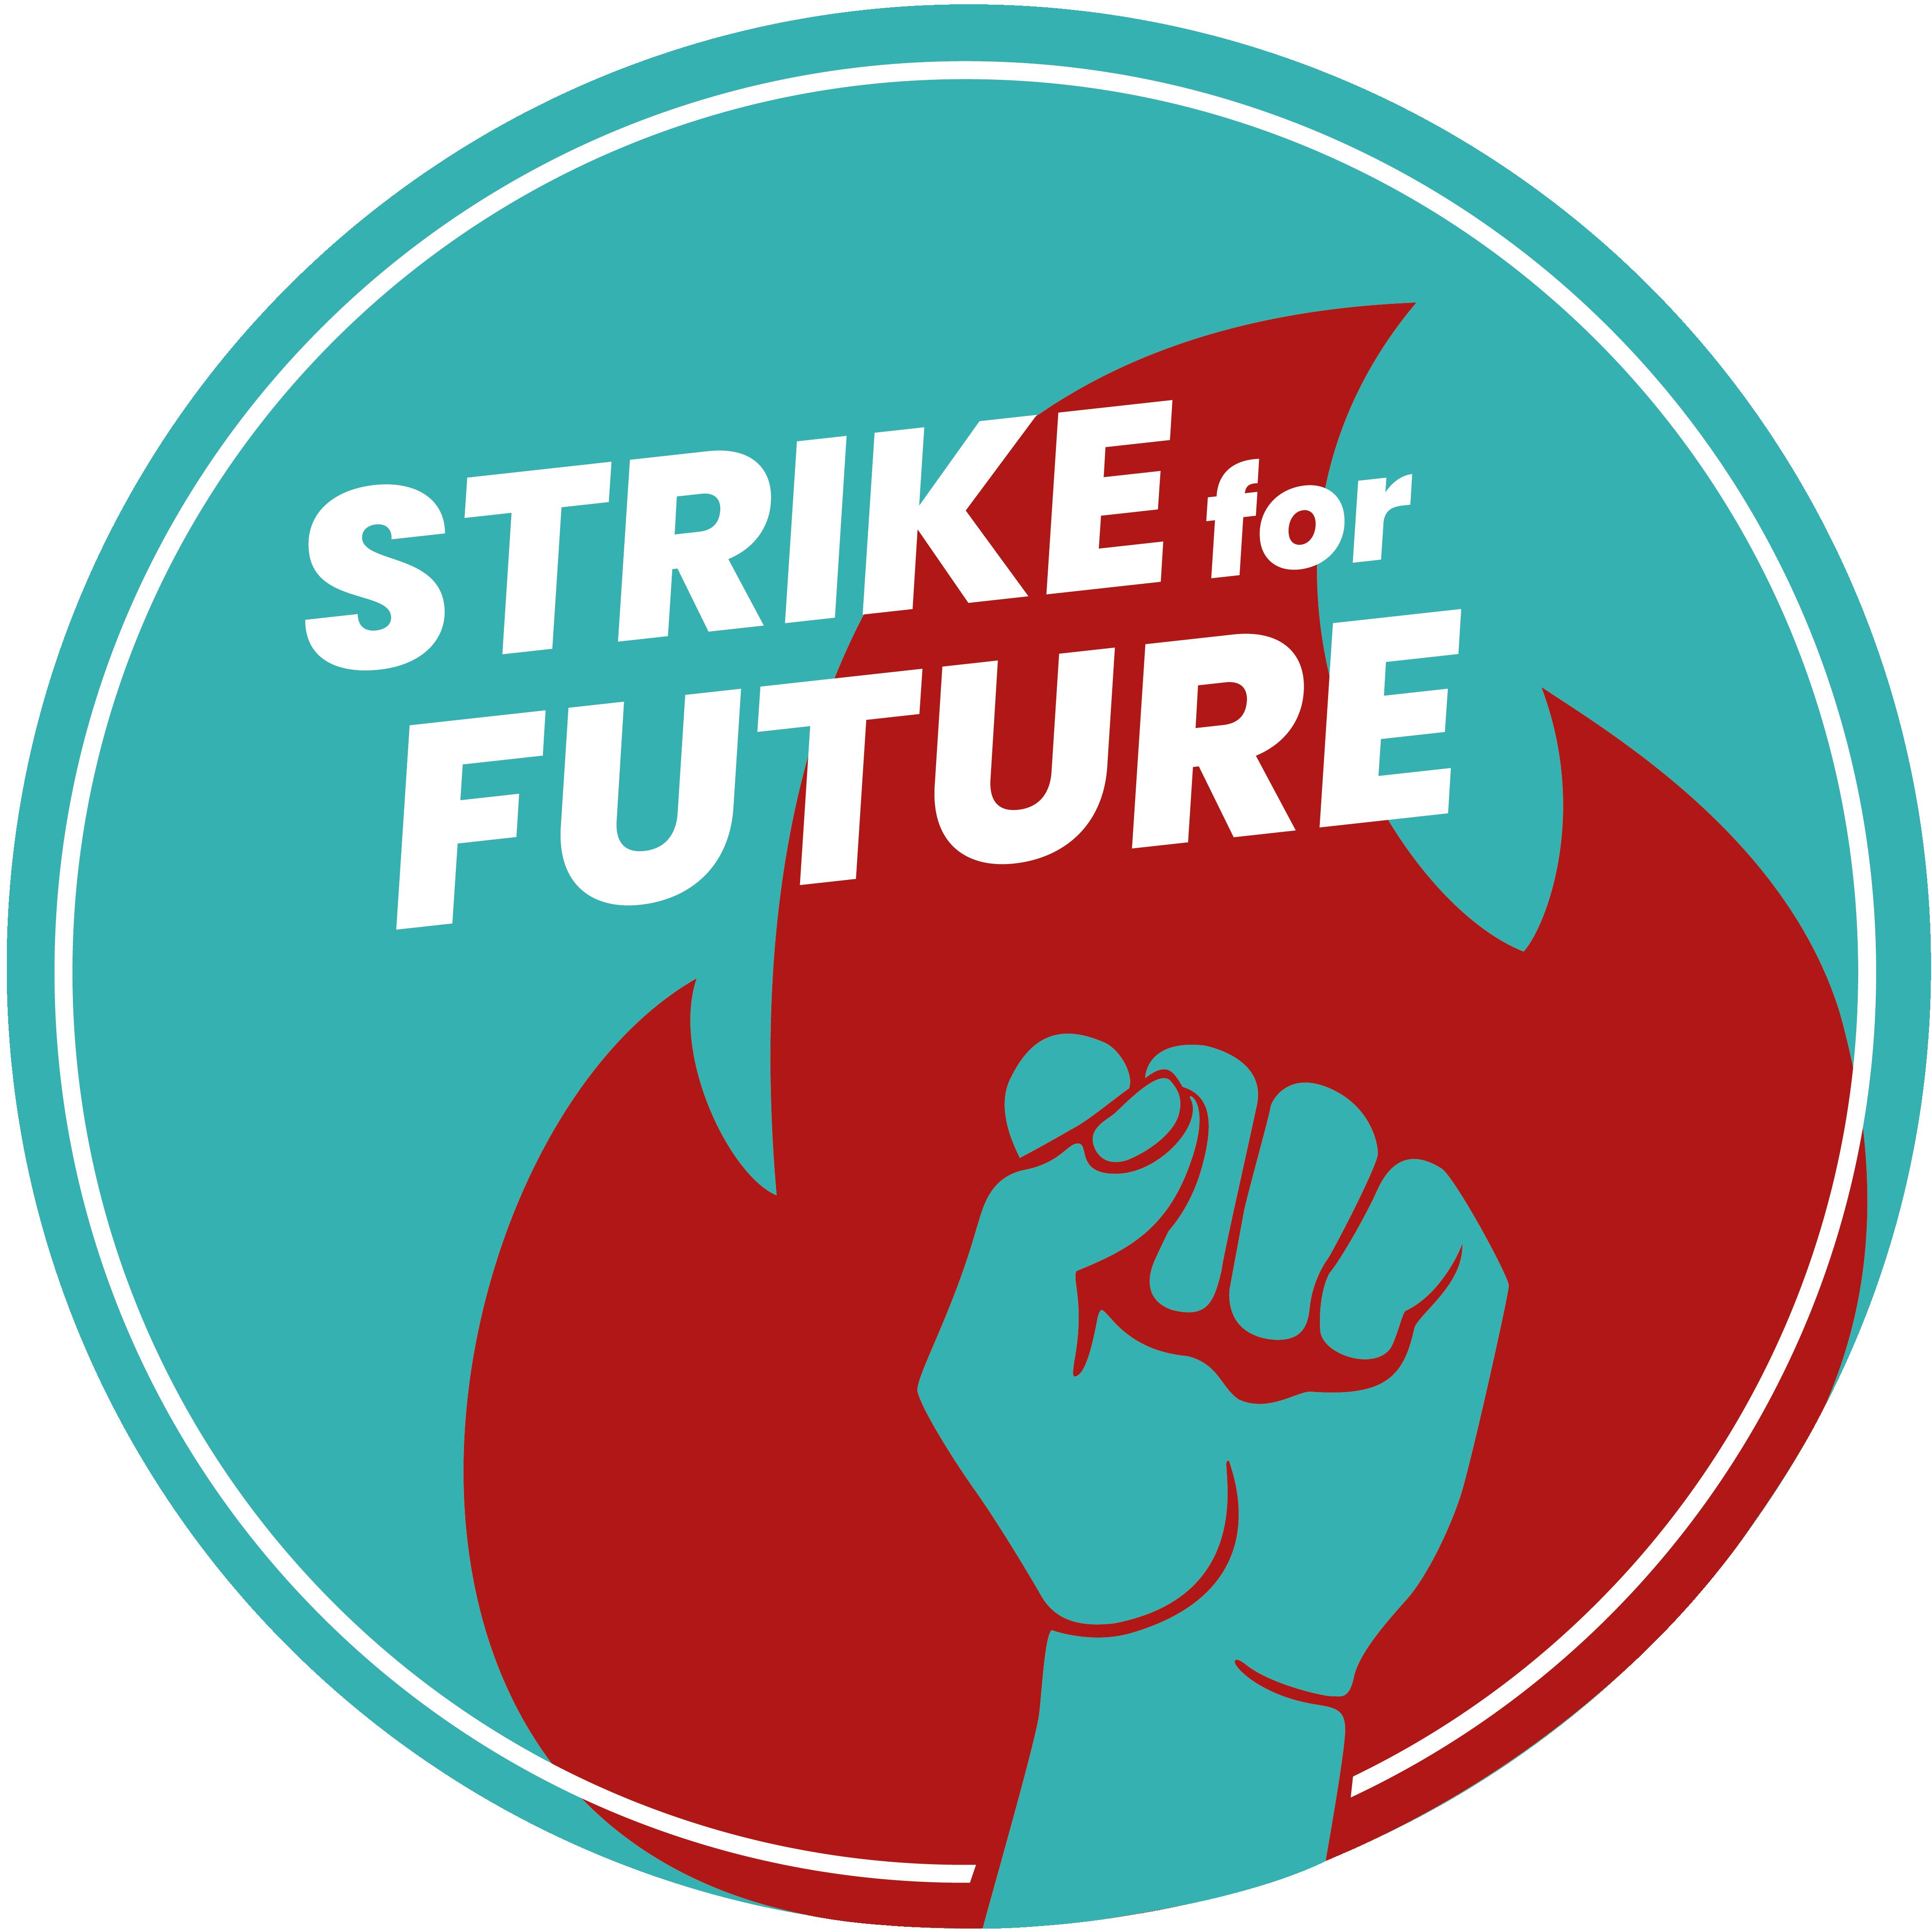 Strike for Future am 21. Mai 2021